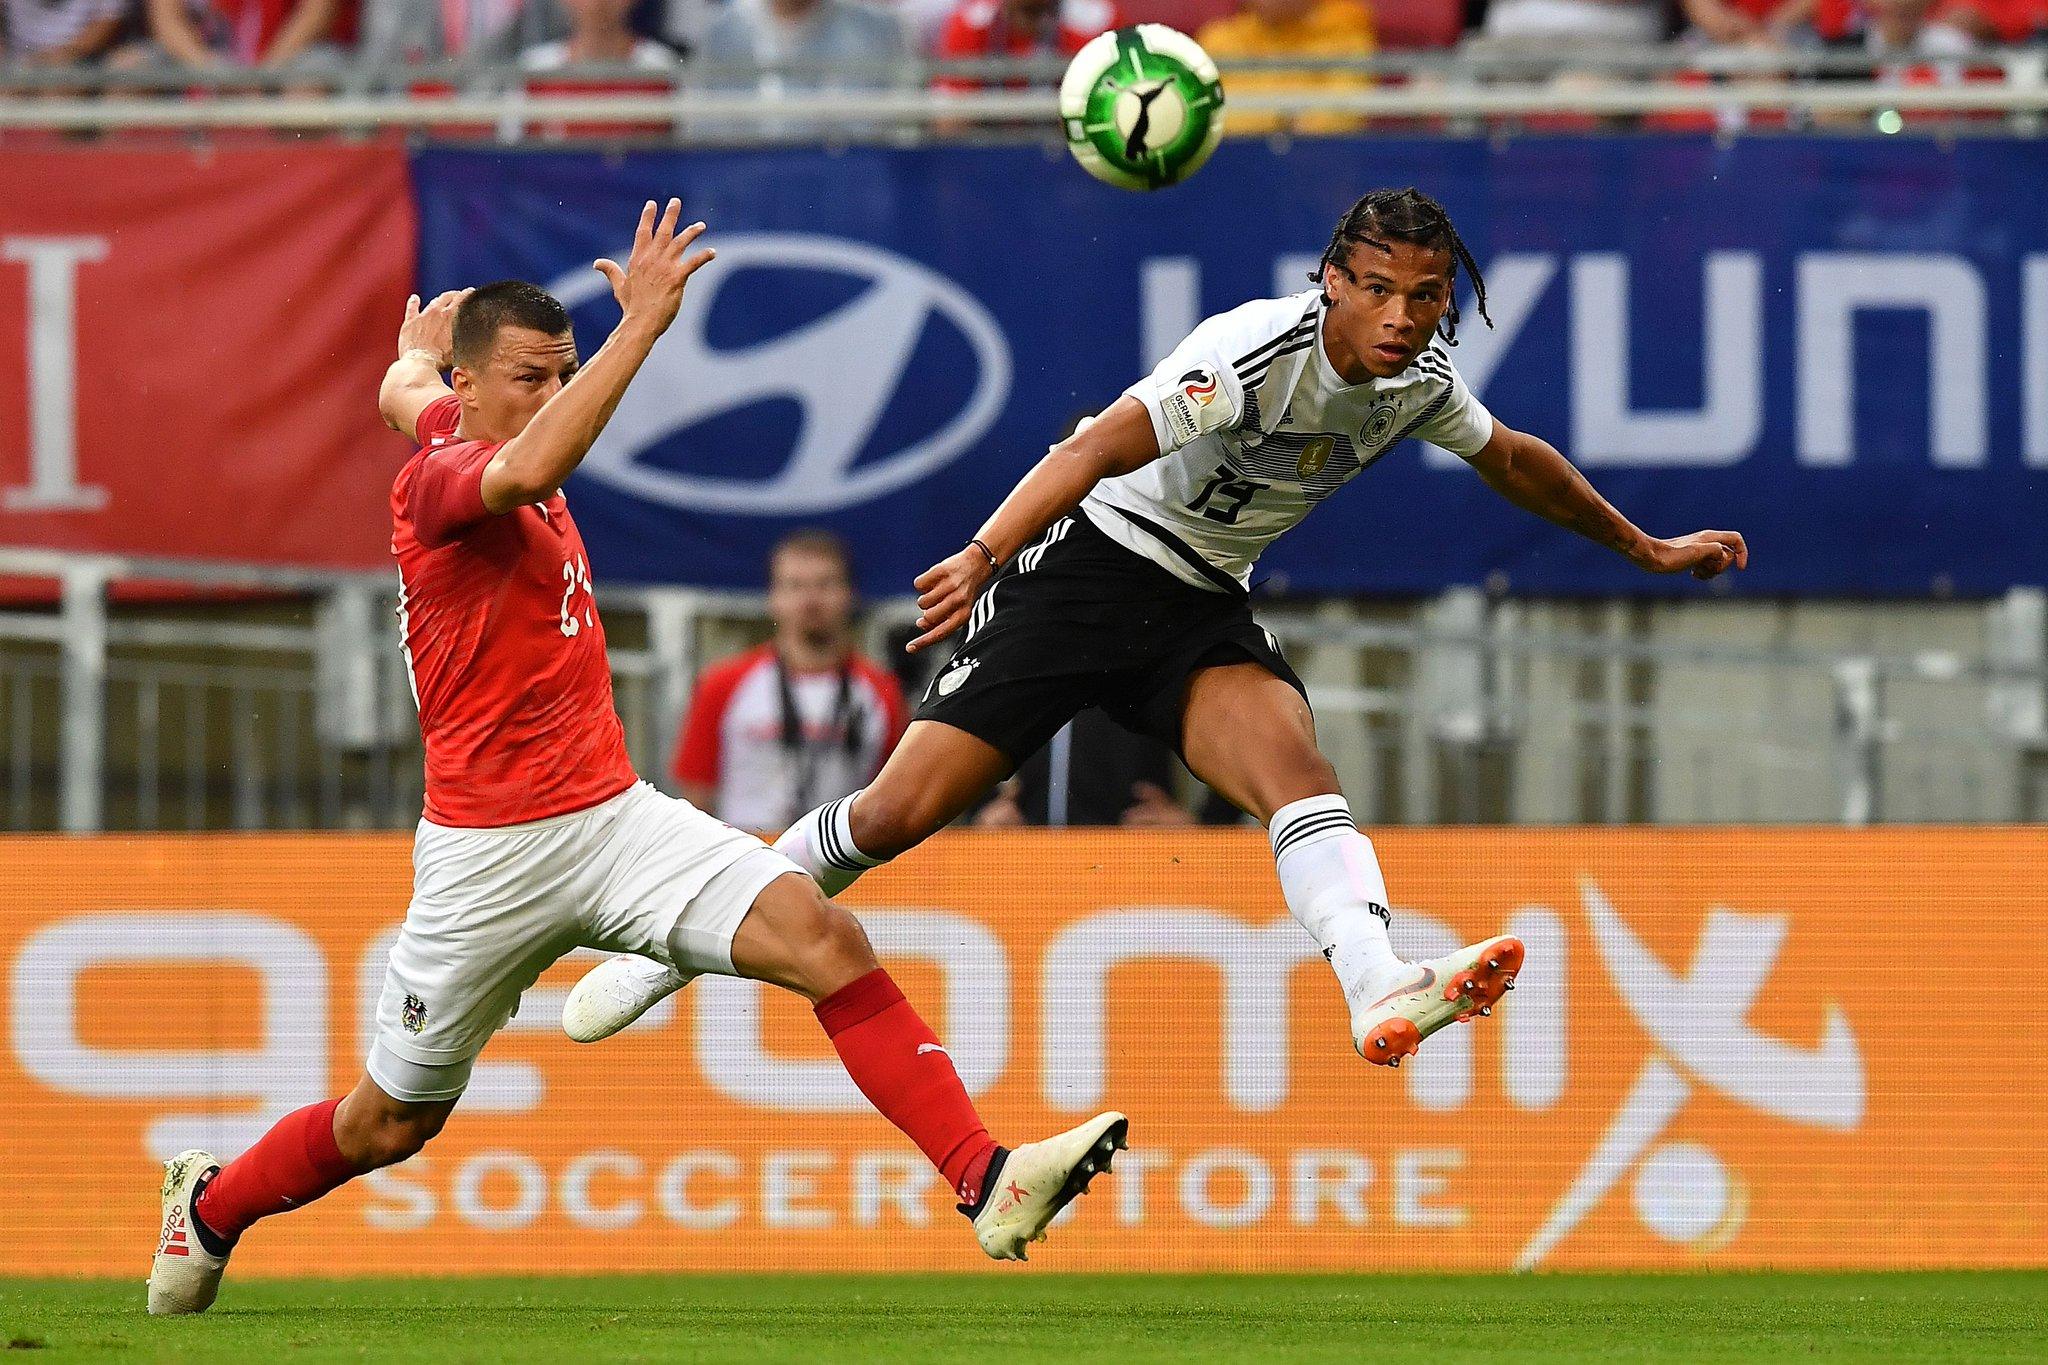 หมดท่า!!  อินทรีเหล็ก มาผิดฟอร์ม โดน ออสเตรีย ลูบคมพ่าย 2-1